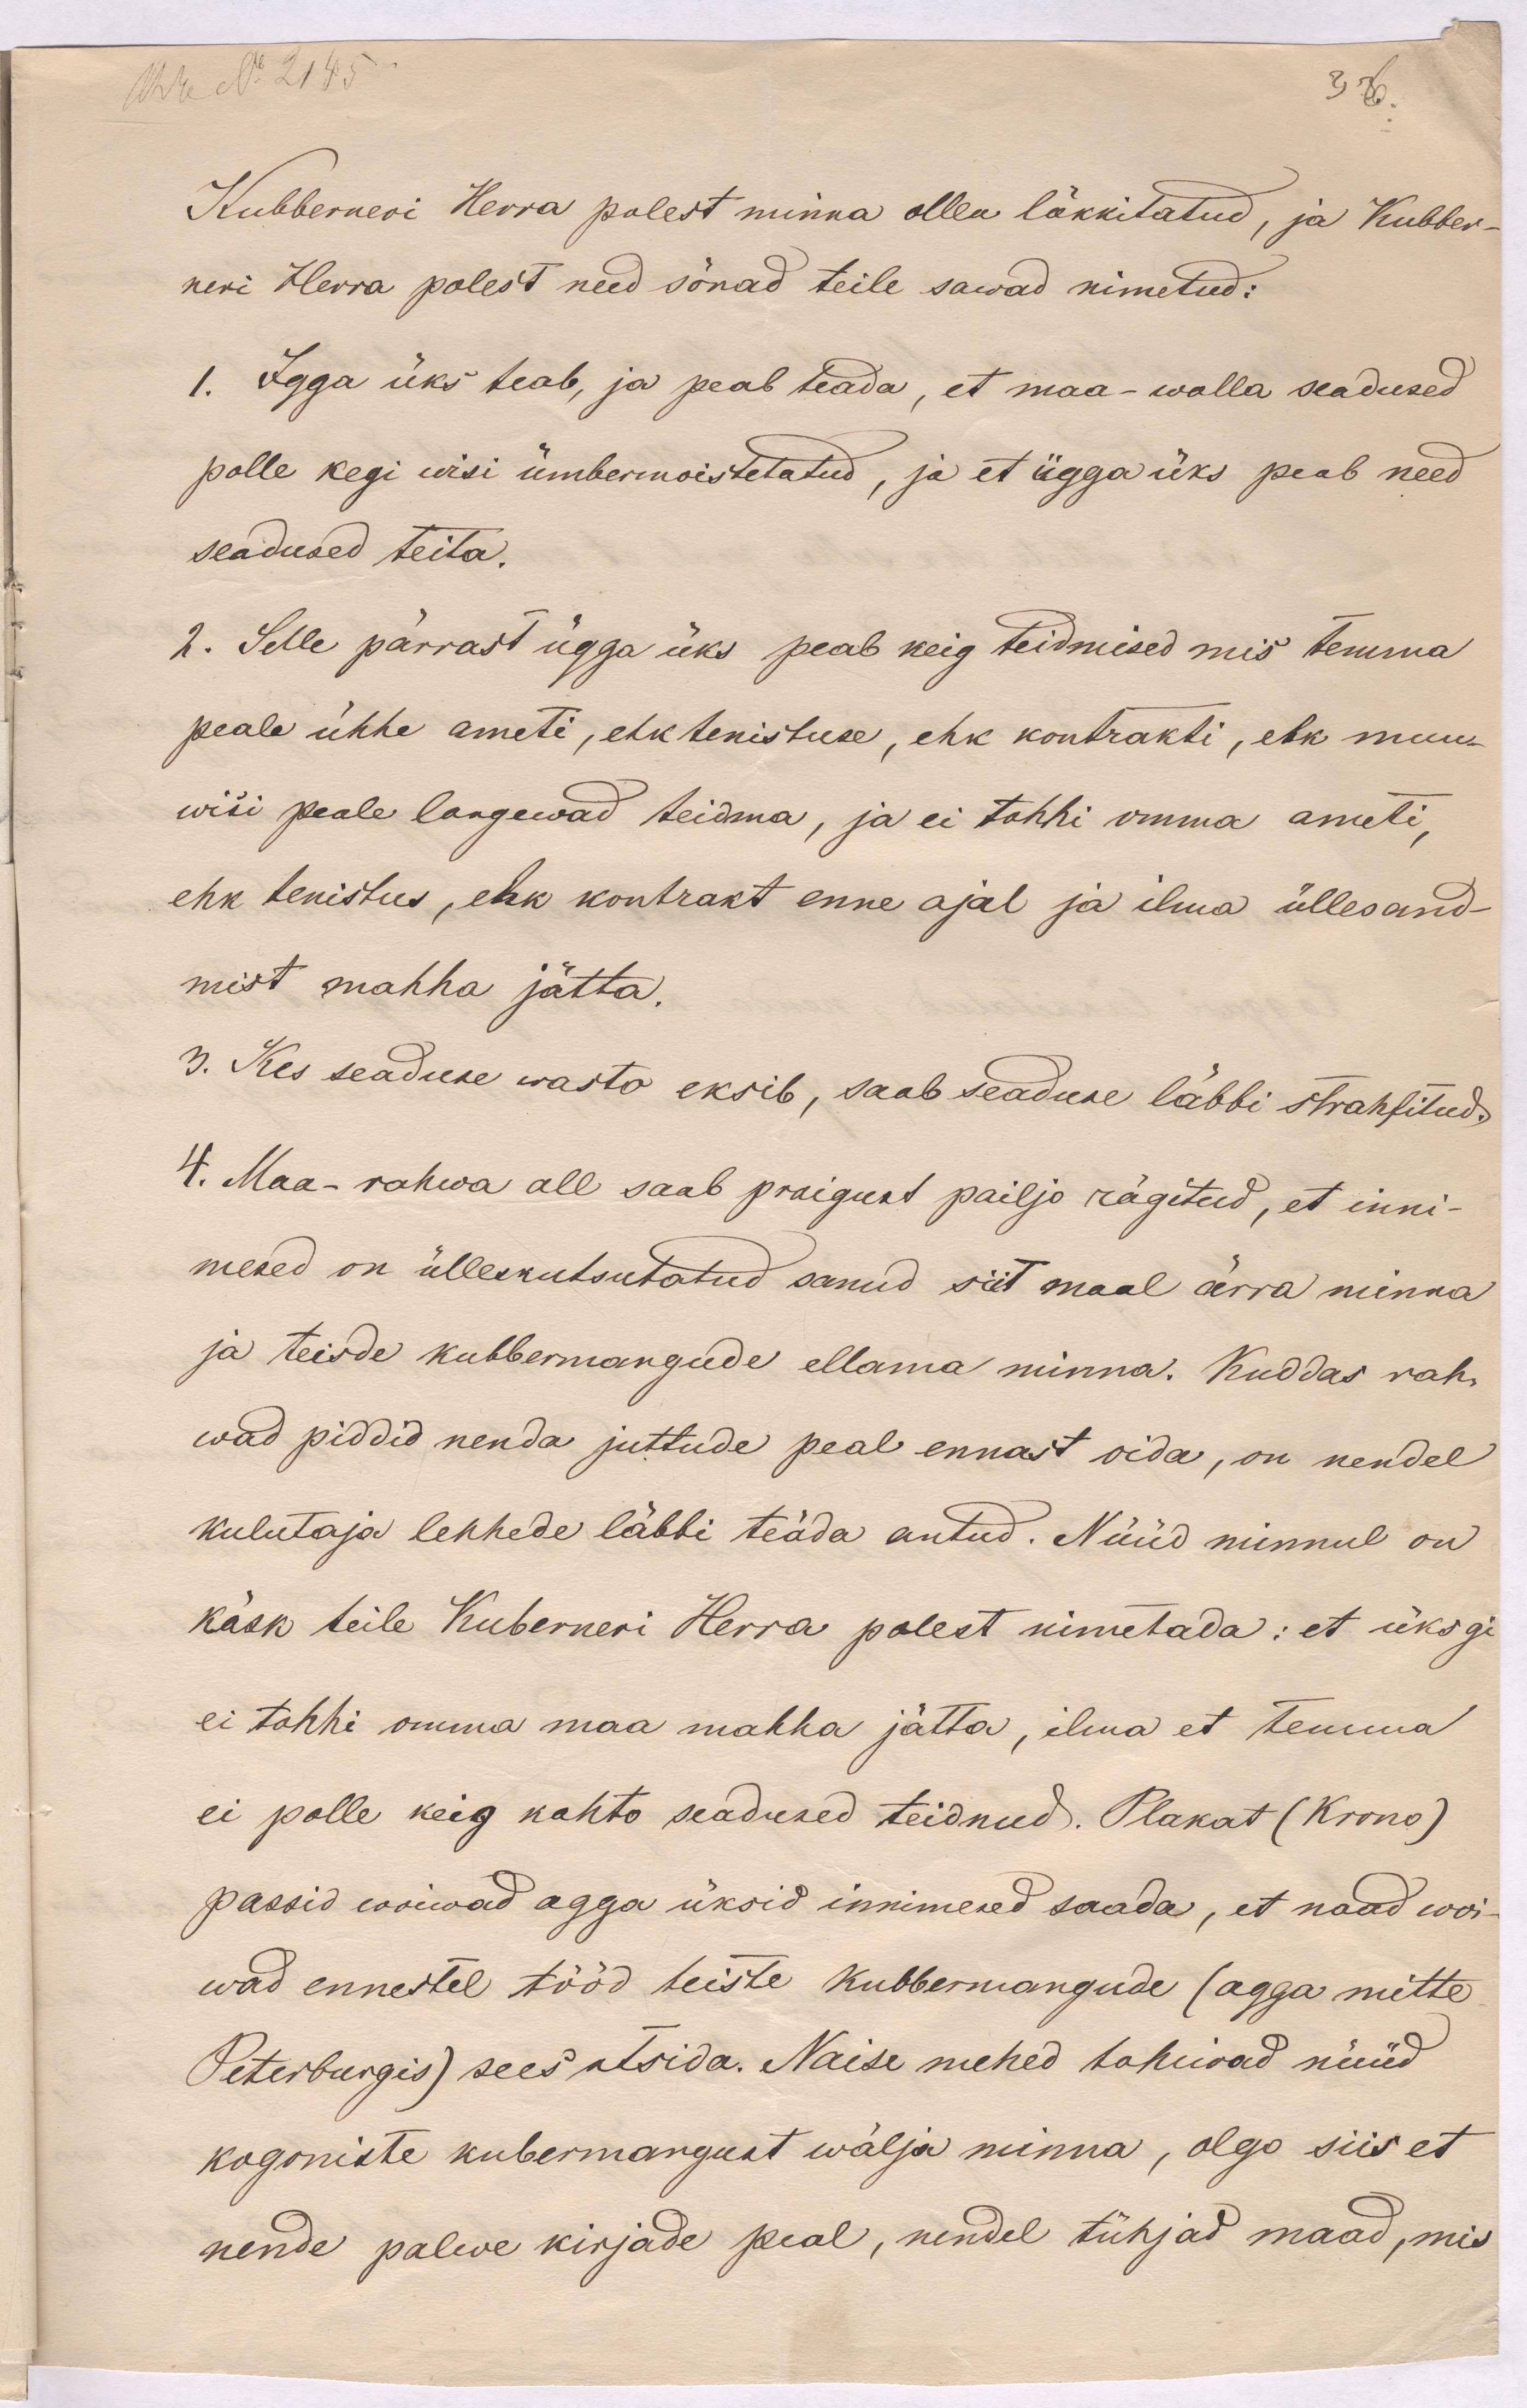 Eestimaa kubermanguvalitsuse manitsus Massu talupoegadele. 9.11.1868. EAA.29.2.135